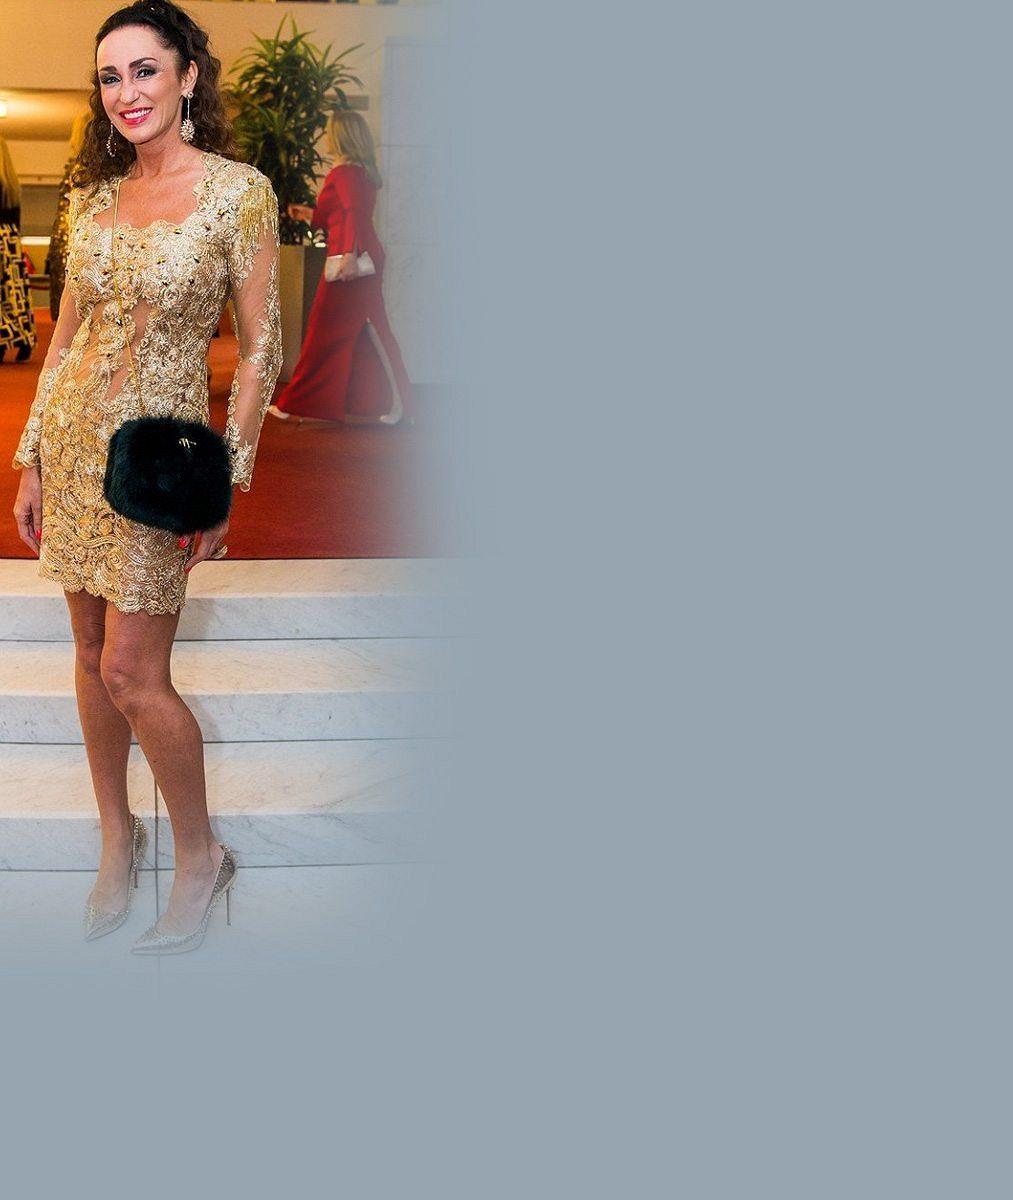 Čím zlatější, tím lepší! Královna nevkusu Sisa Sklovska na galavečeru dostála své pověsti nejtřpytivější celebrity